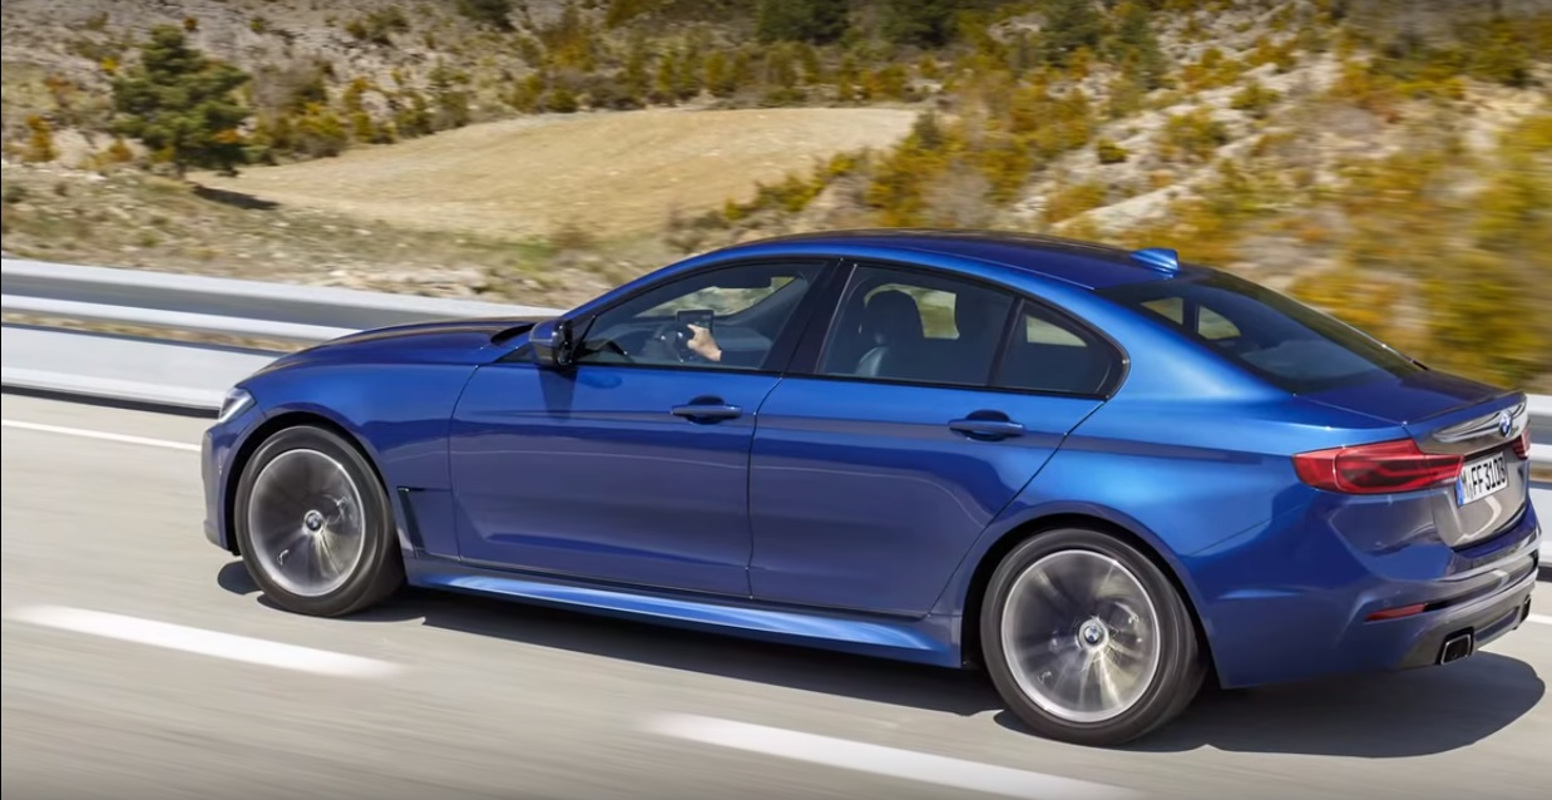 Bmw Serie 3 G20 >> La nouvelle BMW Série 3 G20 (2019) : plus grande, plus légère, et plus dynamique